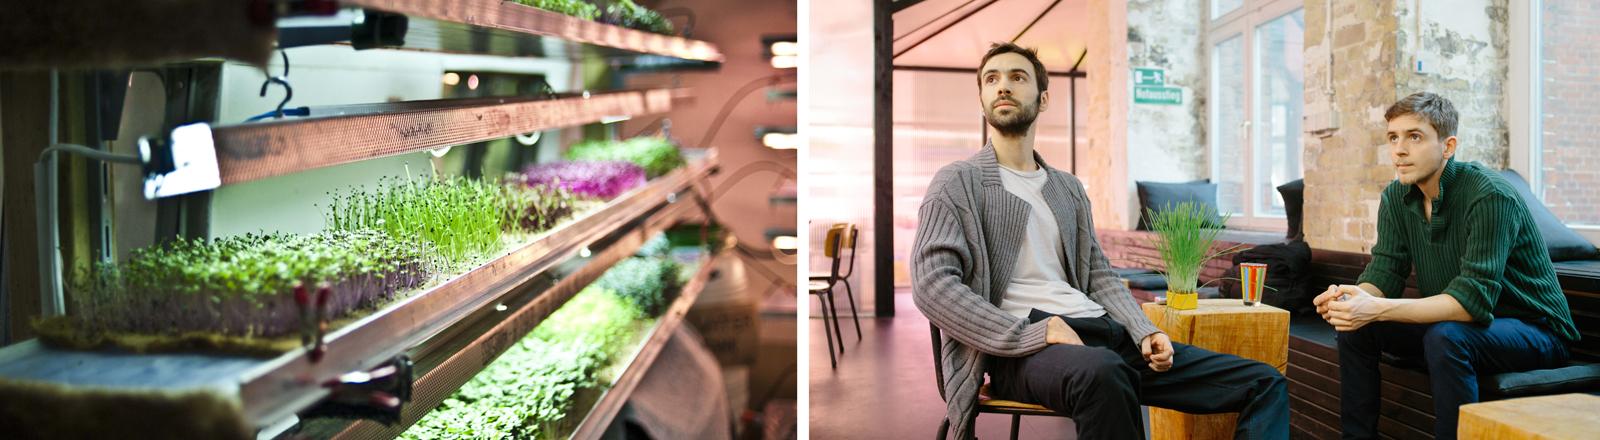 Infarm Prototyp - inzwischen stehen erste Zuchtschränke in Supermärkten und die Gründerbrüder Erez und Guy Galonska im Jahr 2015